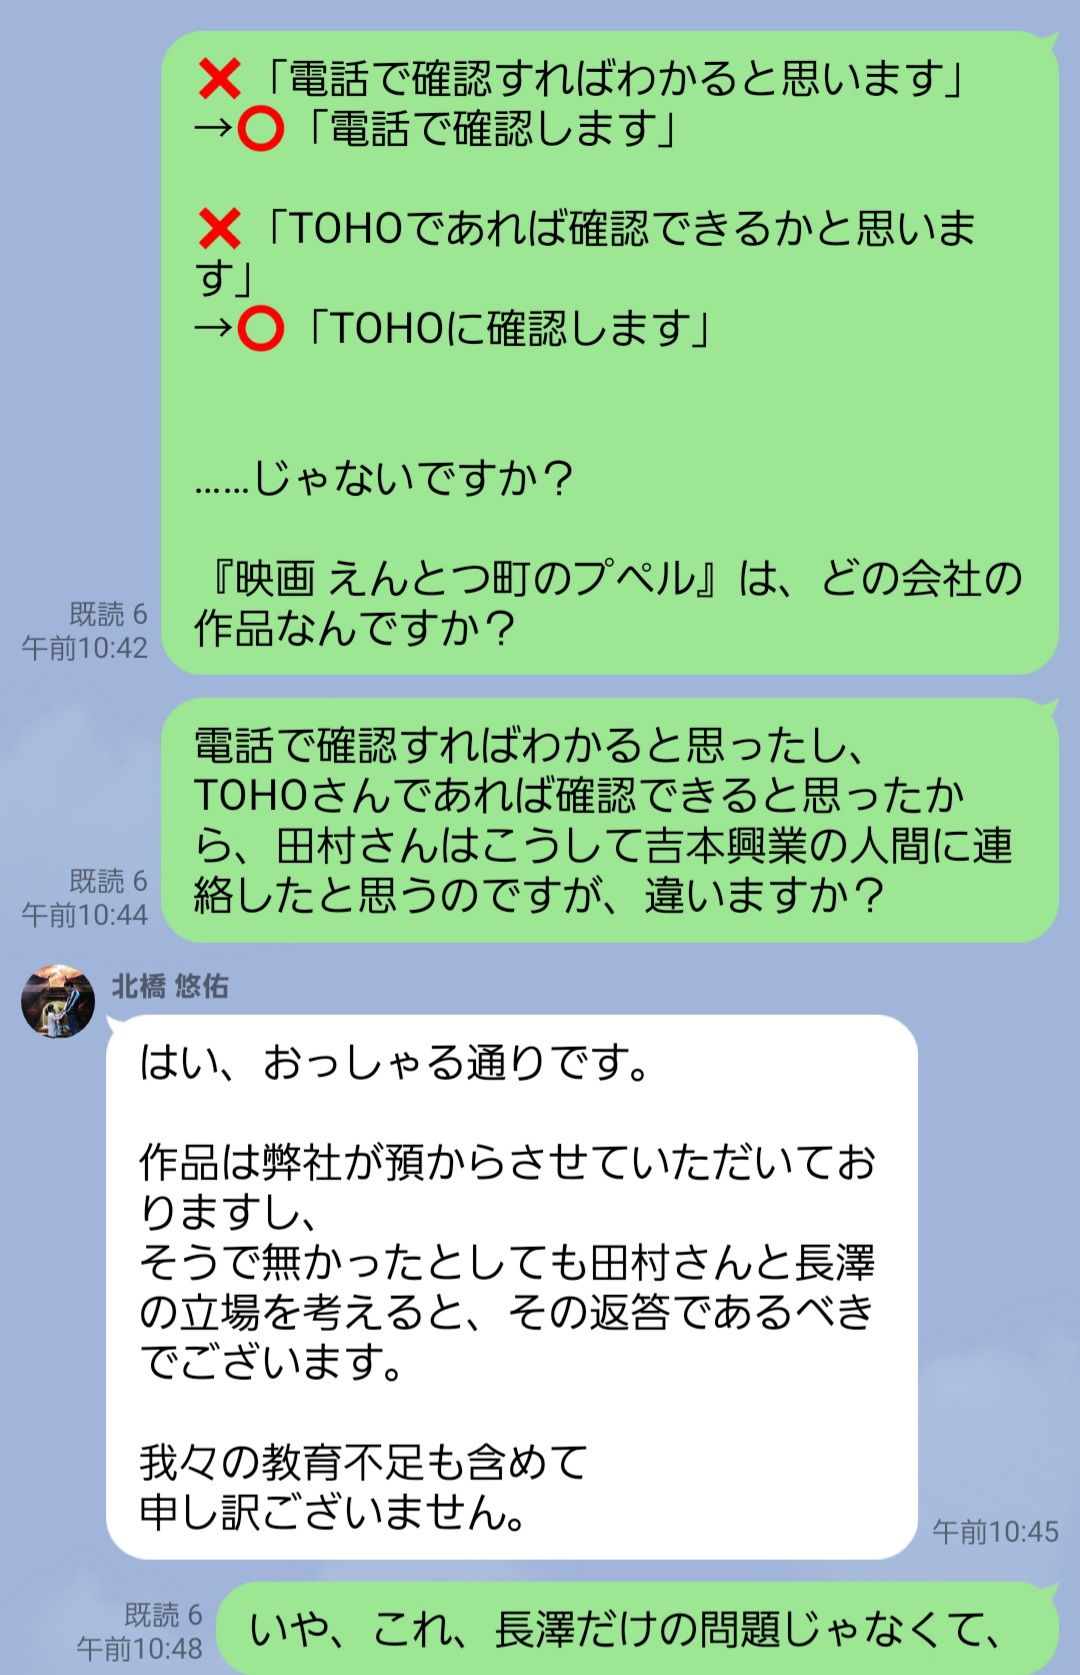 キンコン西野亮廣と吉本マネージャーとのやり取り②